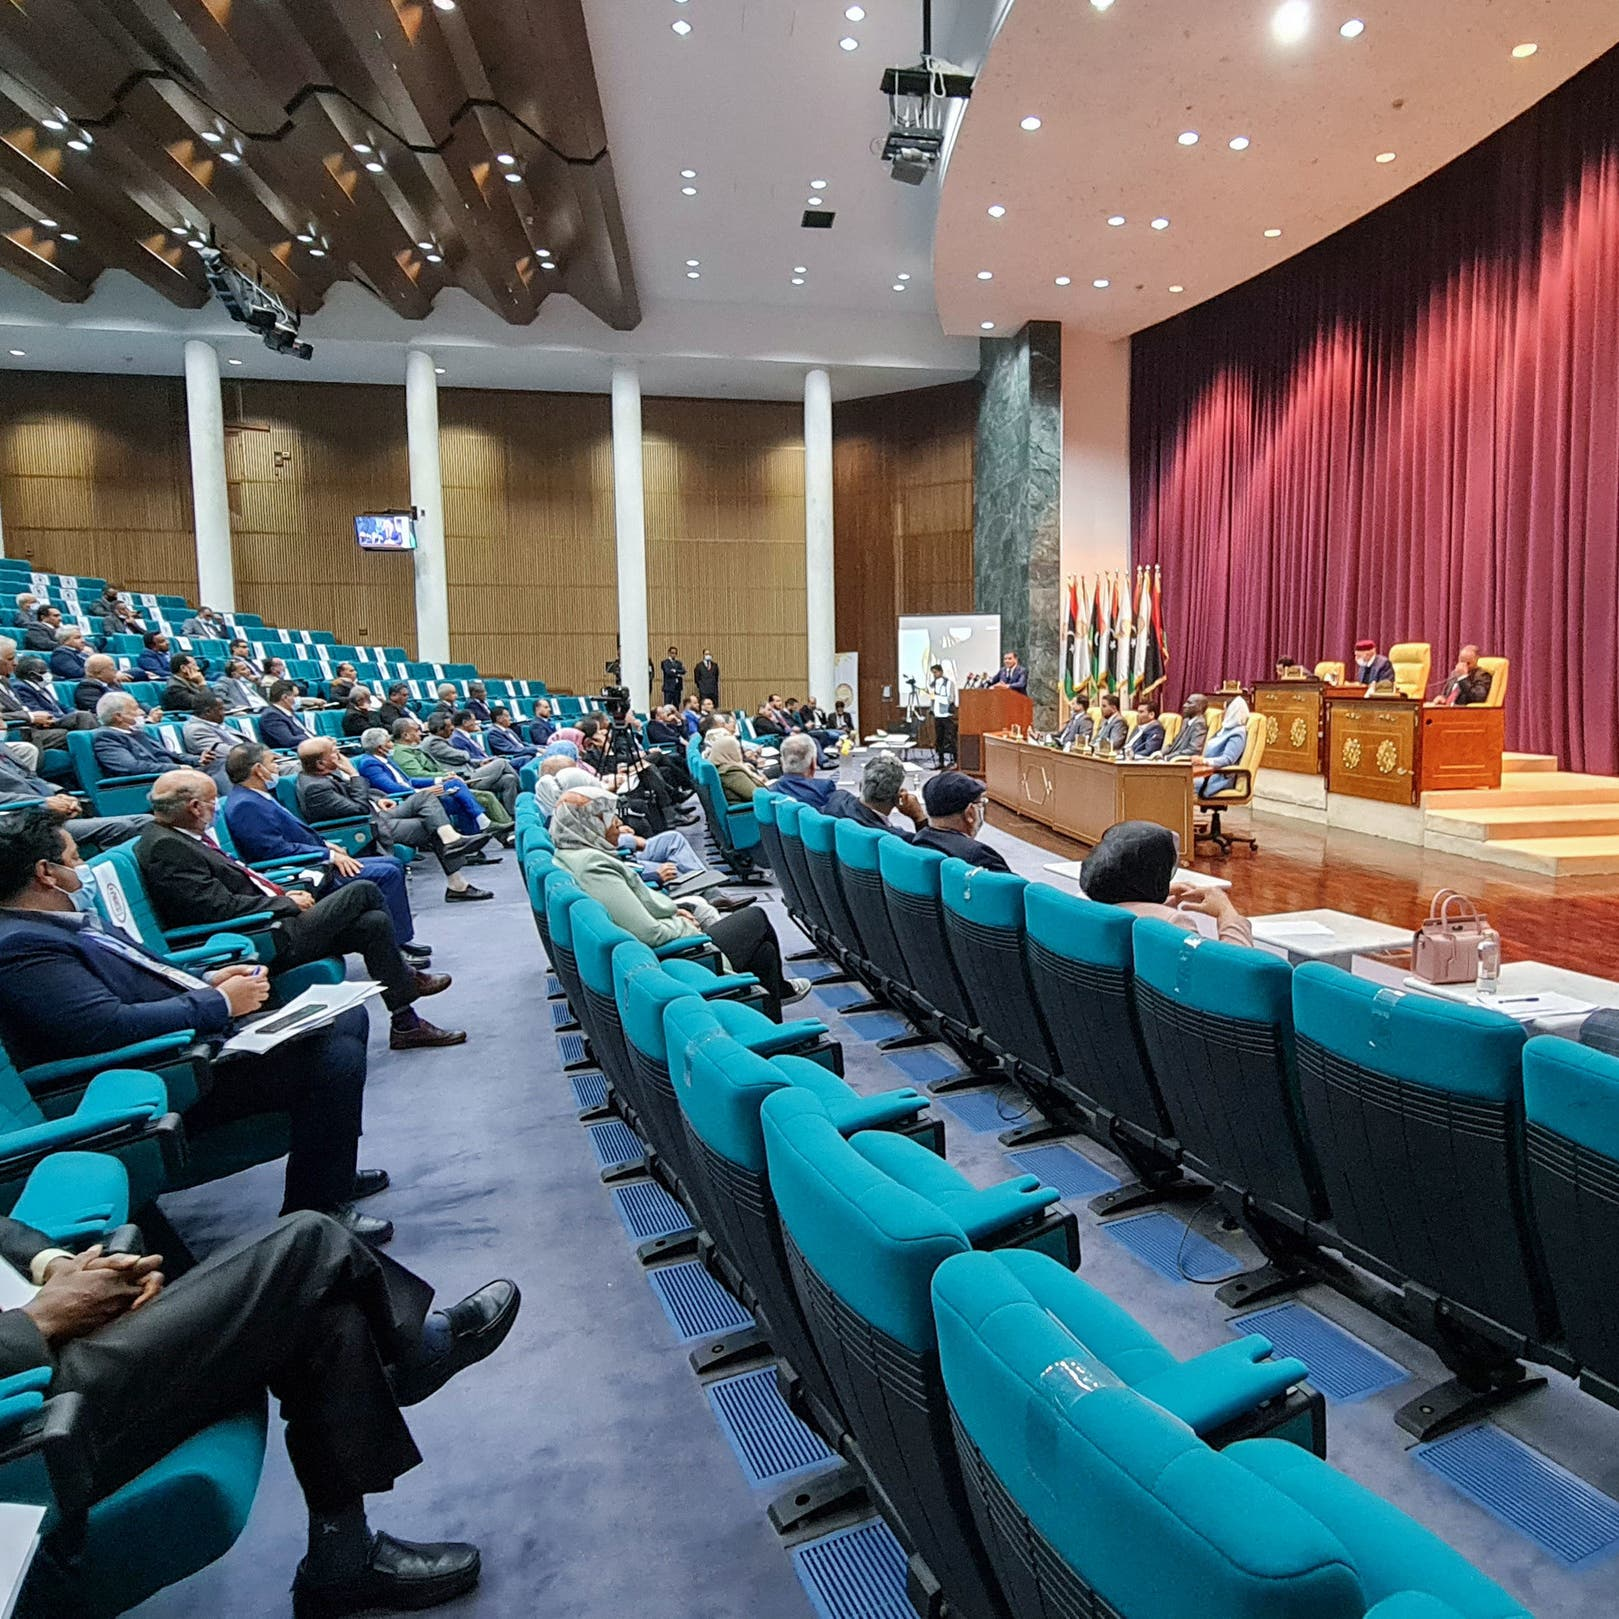 عود على بدء.. المجلس الأعلى يرفض قانون البرلمان الليبي